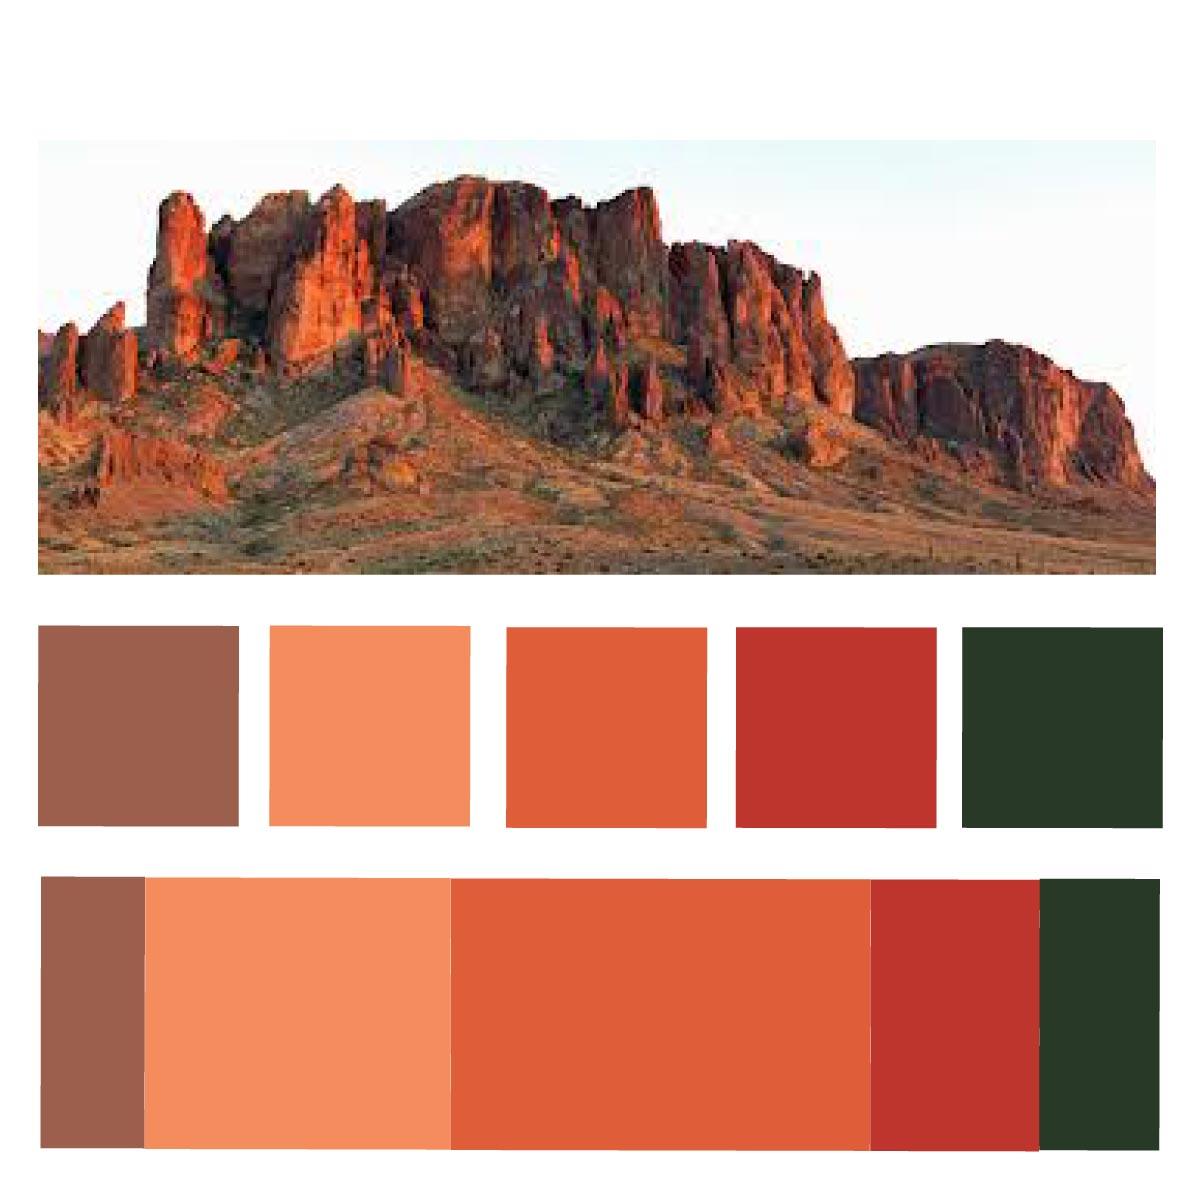 alexis schuknecht 3 menagerie project d4m color On old west color palette